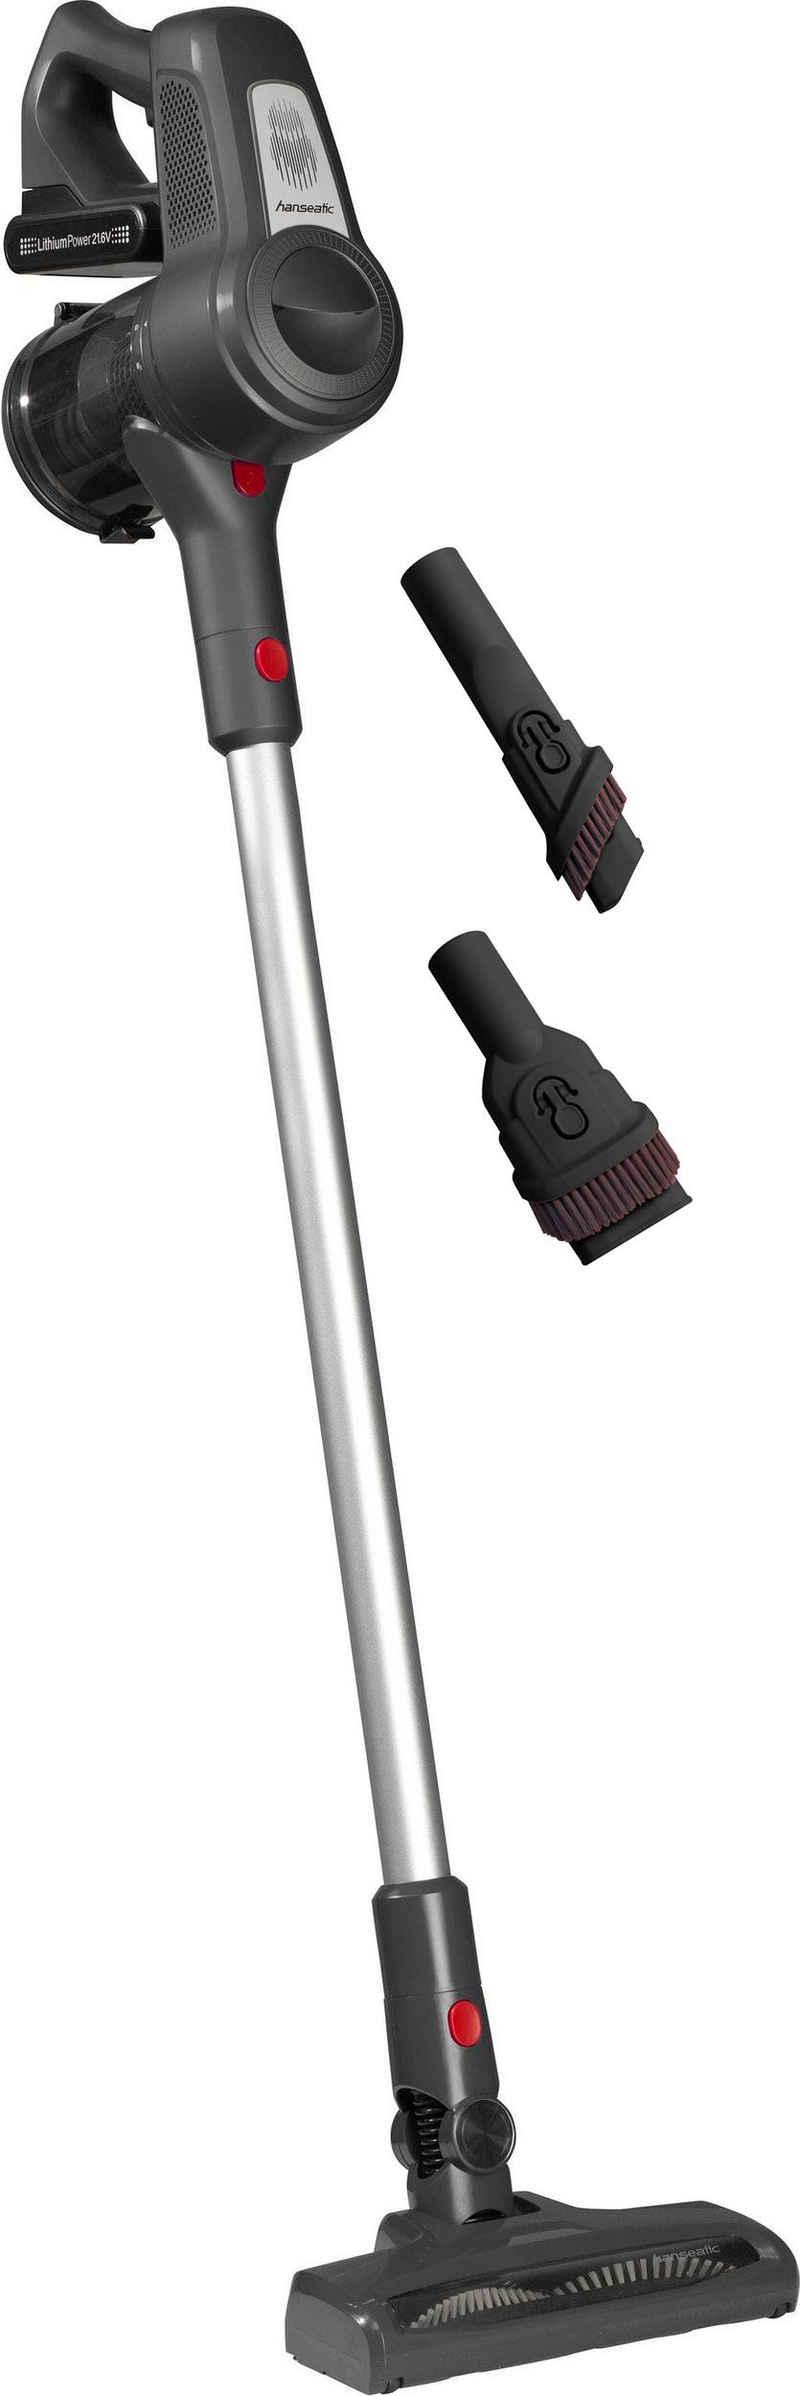 Hanseatic Akku-Stielstaubsauger VC-PD510-1, 120 Watt, beutellos, müheloses kabelloses saugen für einen schnellen Einsatz